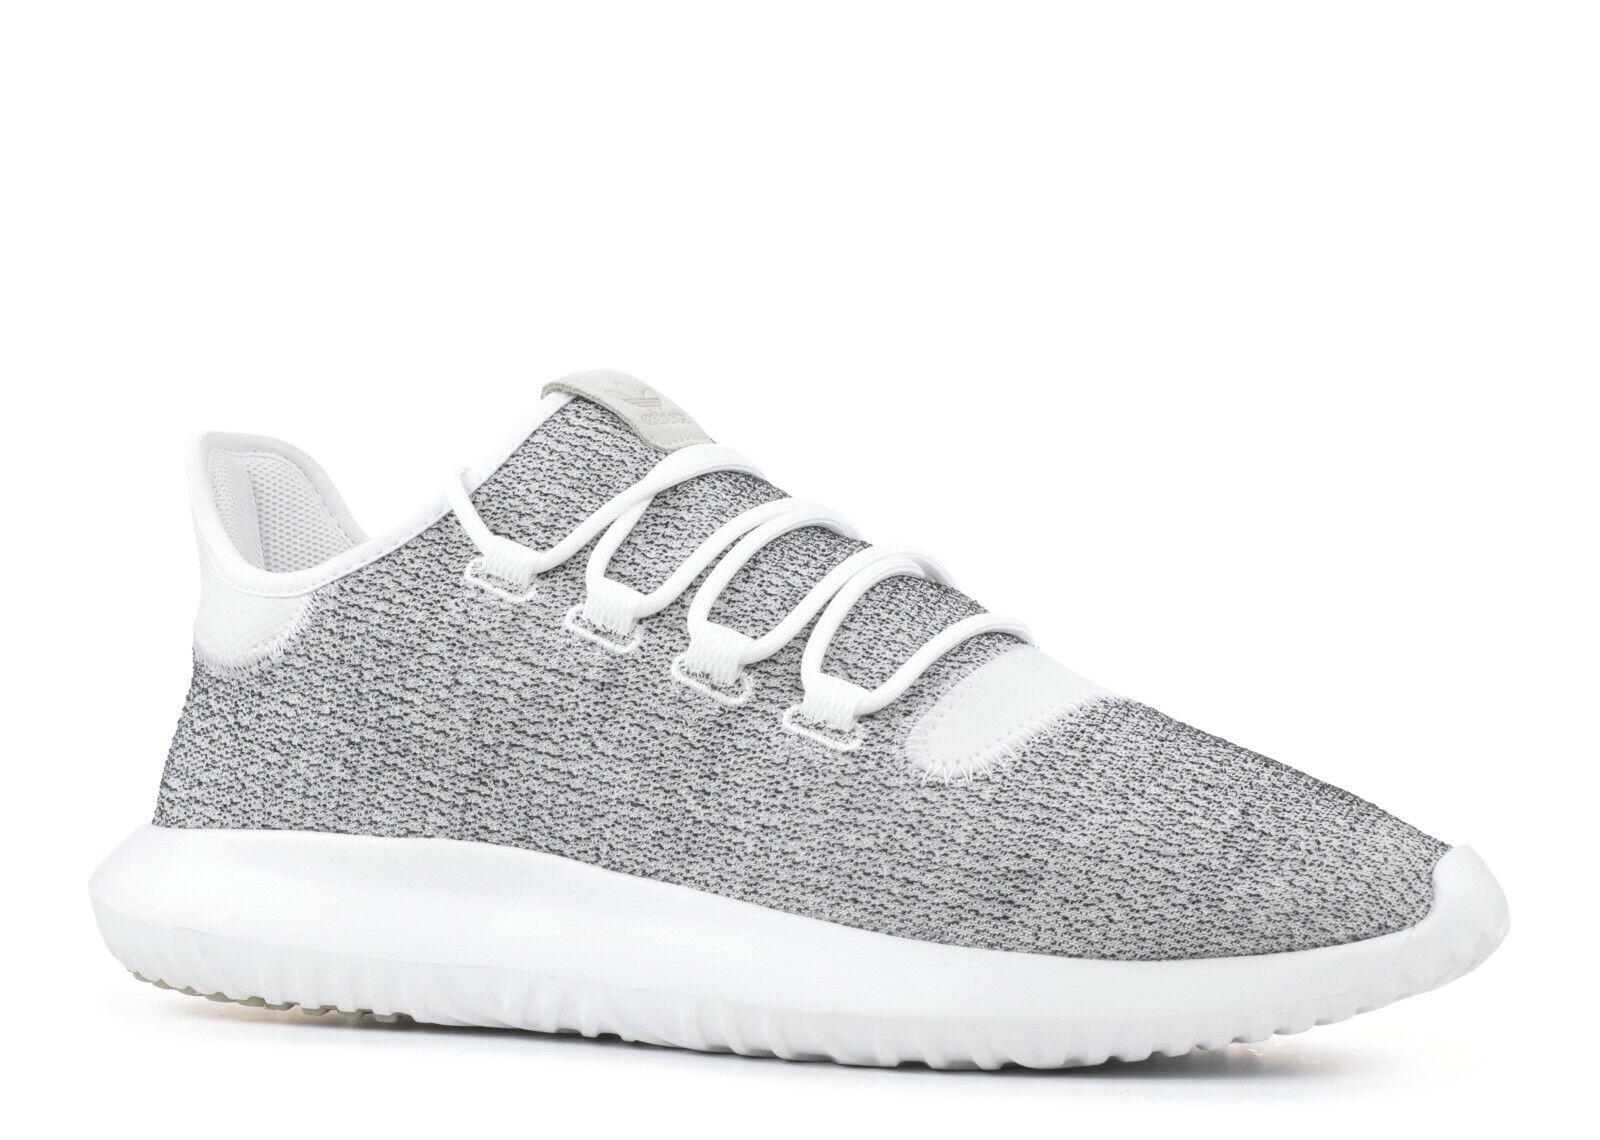 d15ec1d2aed5a (CQ0929) Adidas Mens Originals Originals Originals Tubular Shadow White  Grey NEW dee2d4